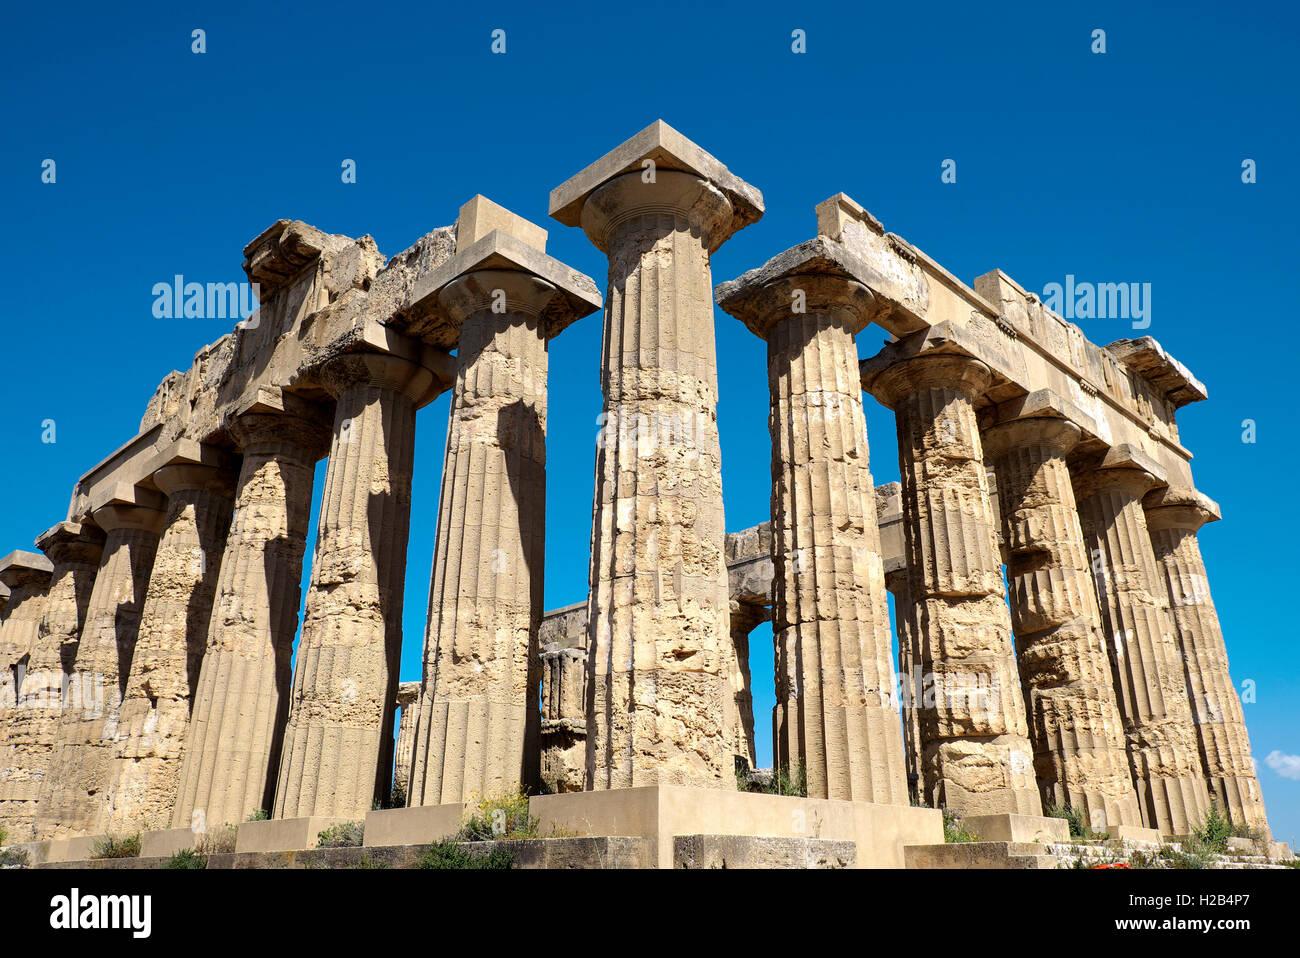 Antiguo templo griego E, el Parque Arqueológico de Selinunte, Selinunte, en Sicilia, Italia Foto de stock